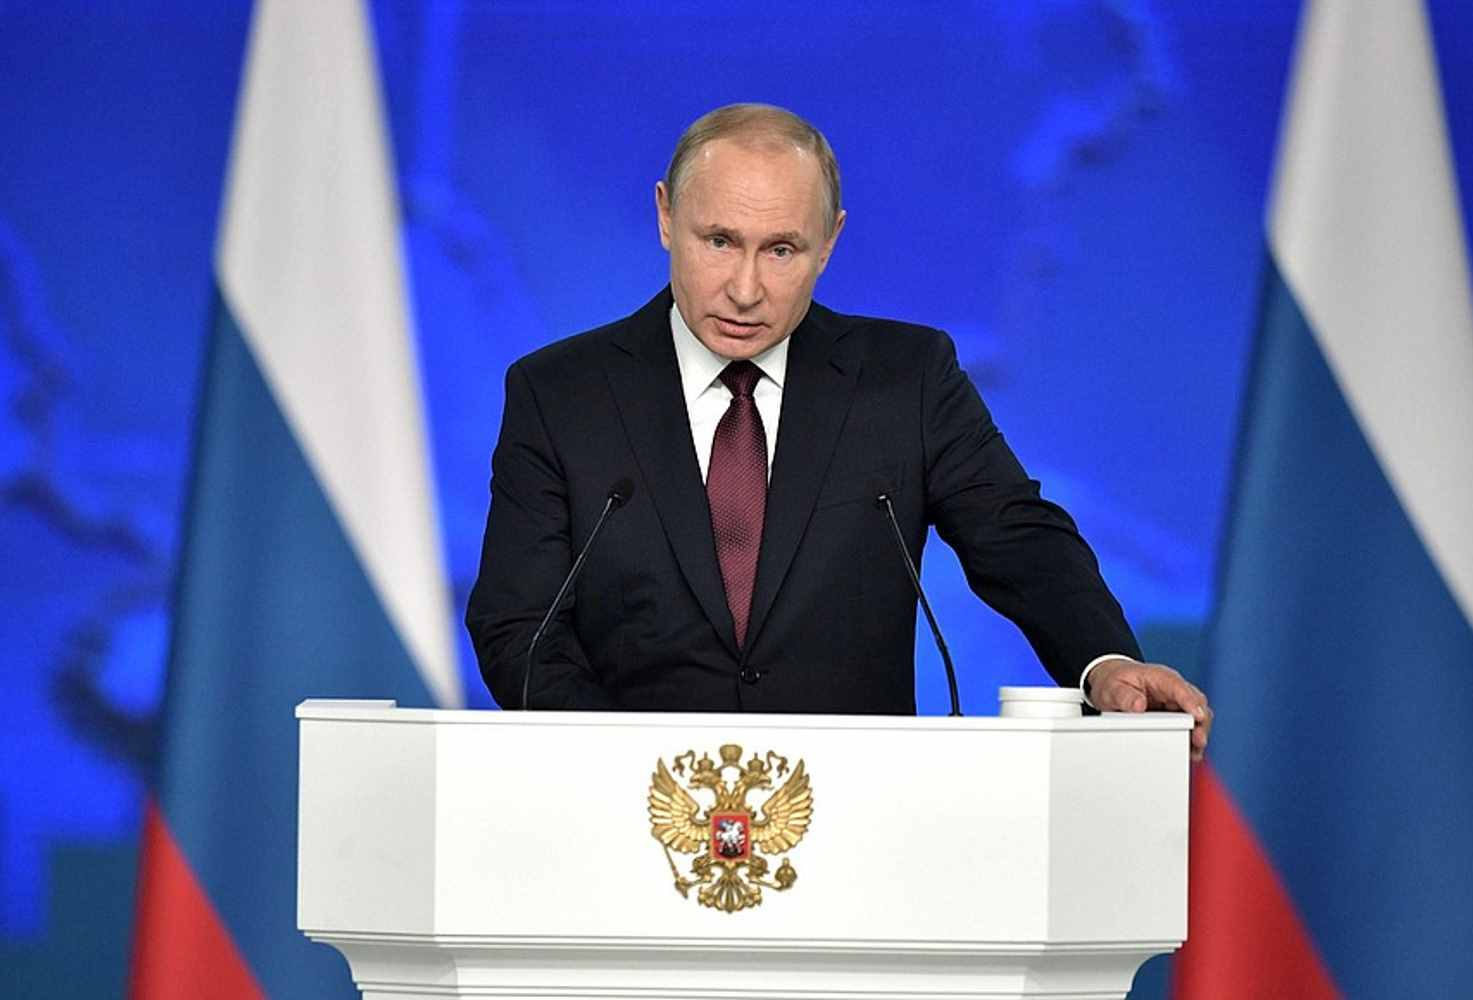 chto-izmenitsya-v-rossijskom-obrazovanii-posle-poslaniya-prezidenta-federalnomu-sobraniyu